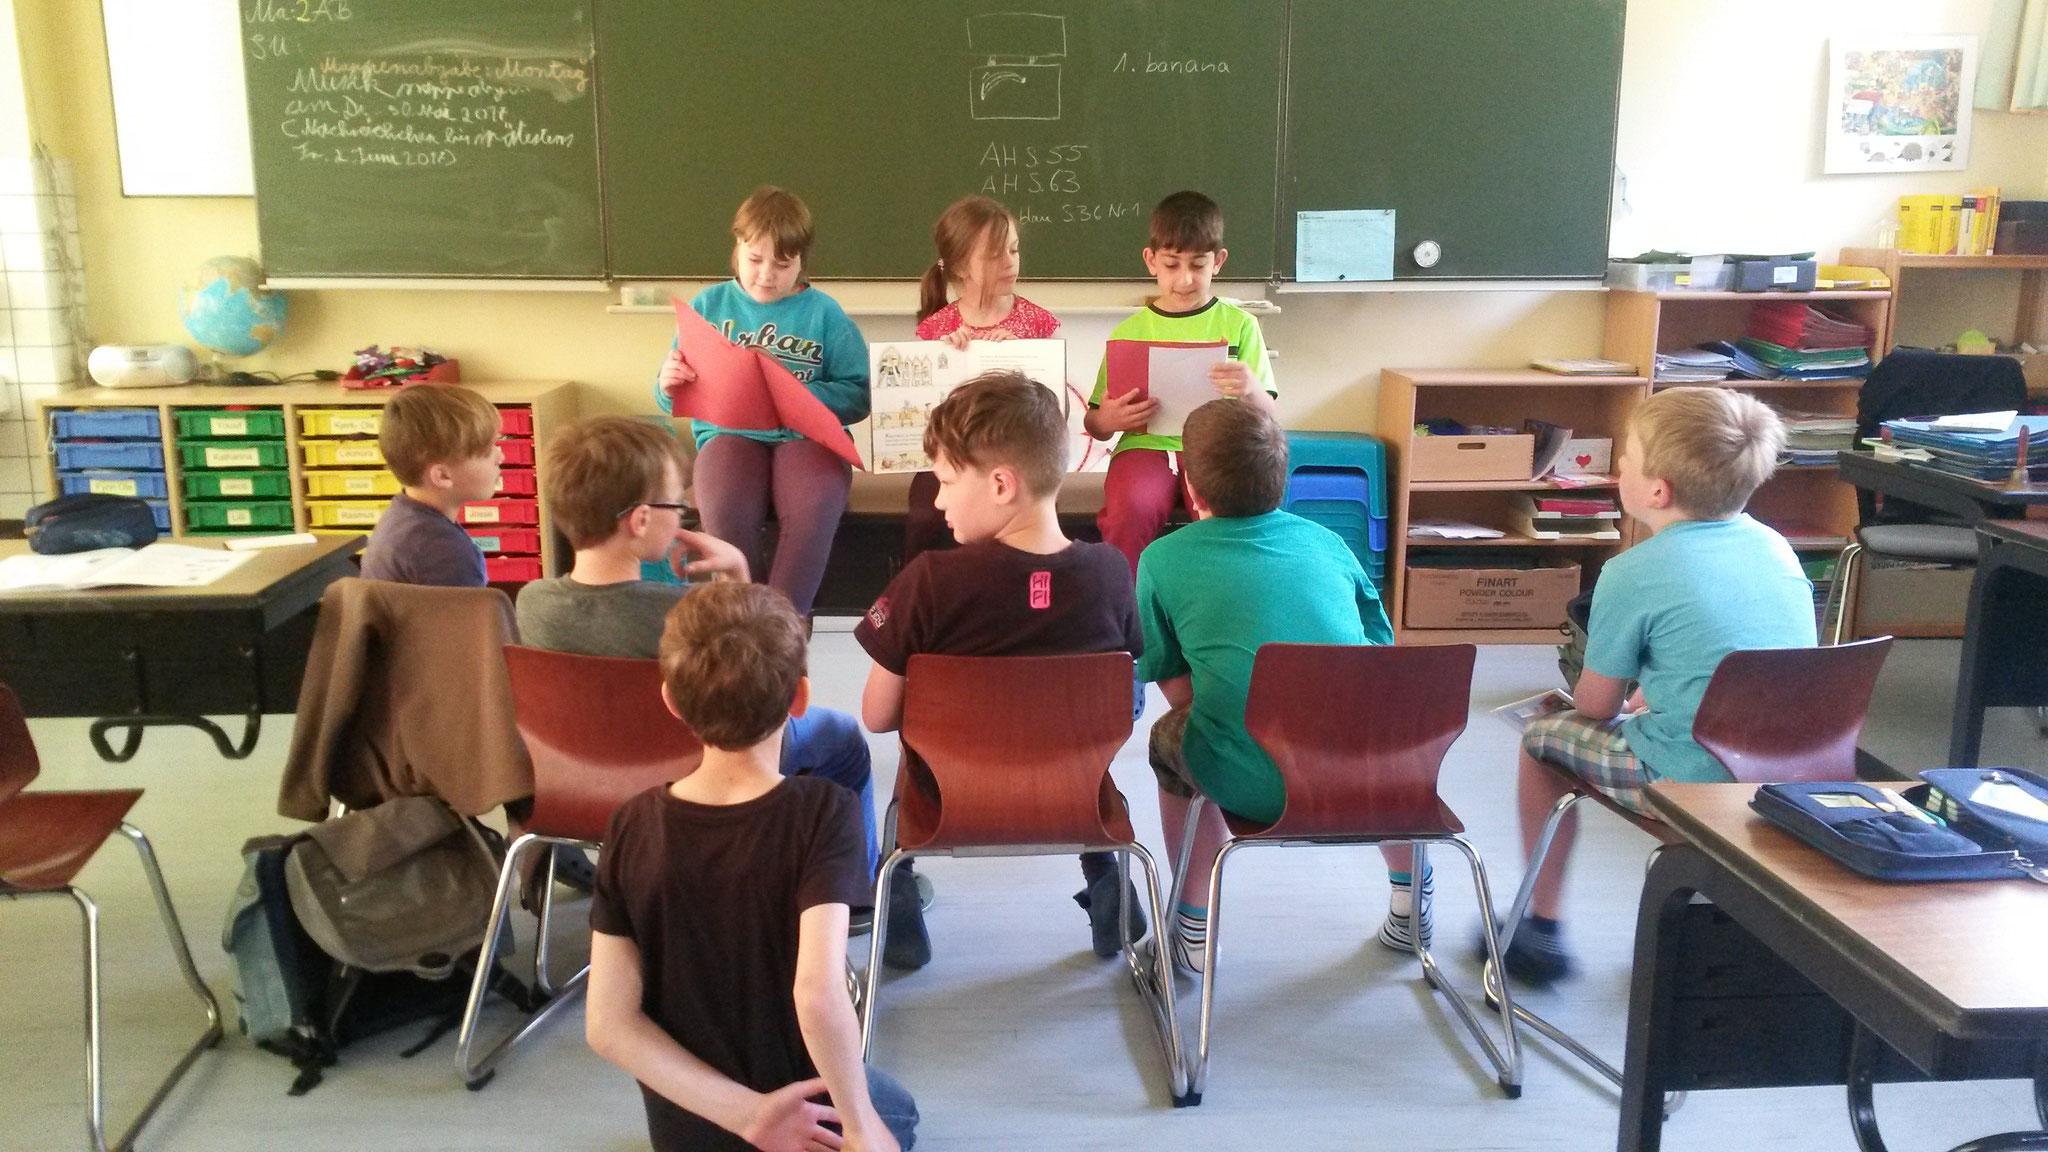 Letzte Probe vor dem Vorlesen im Kindergarten